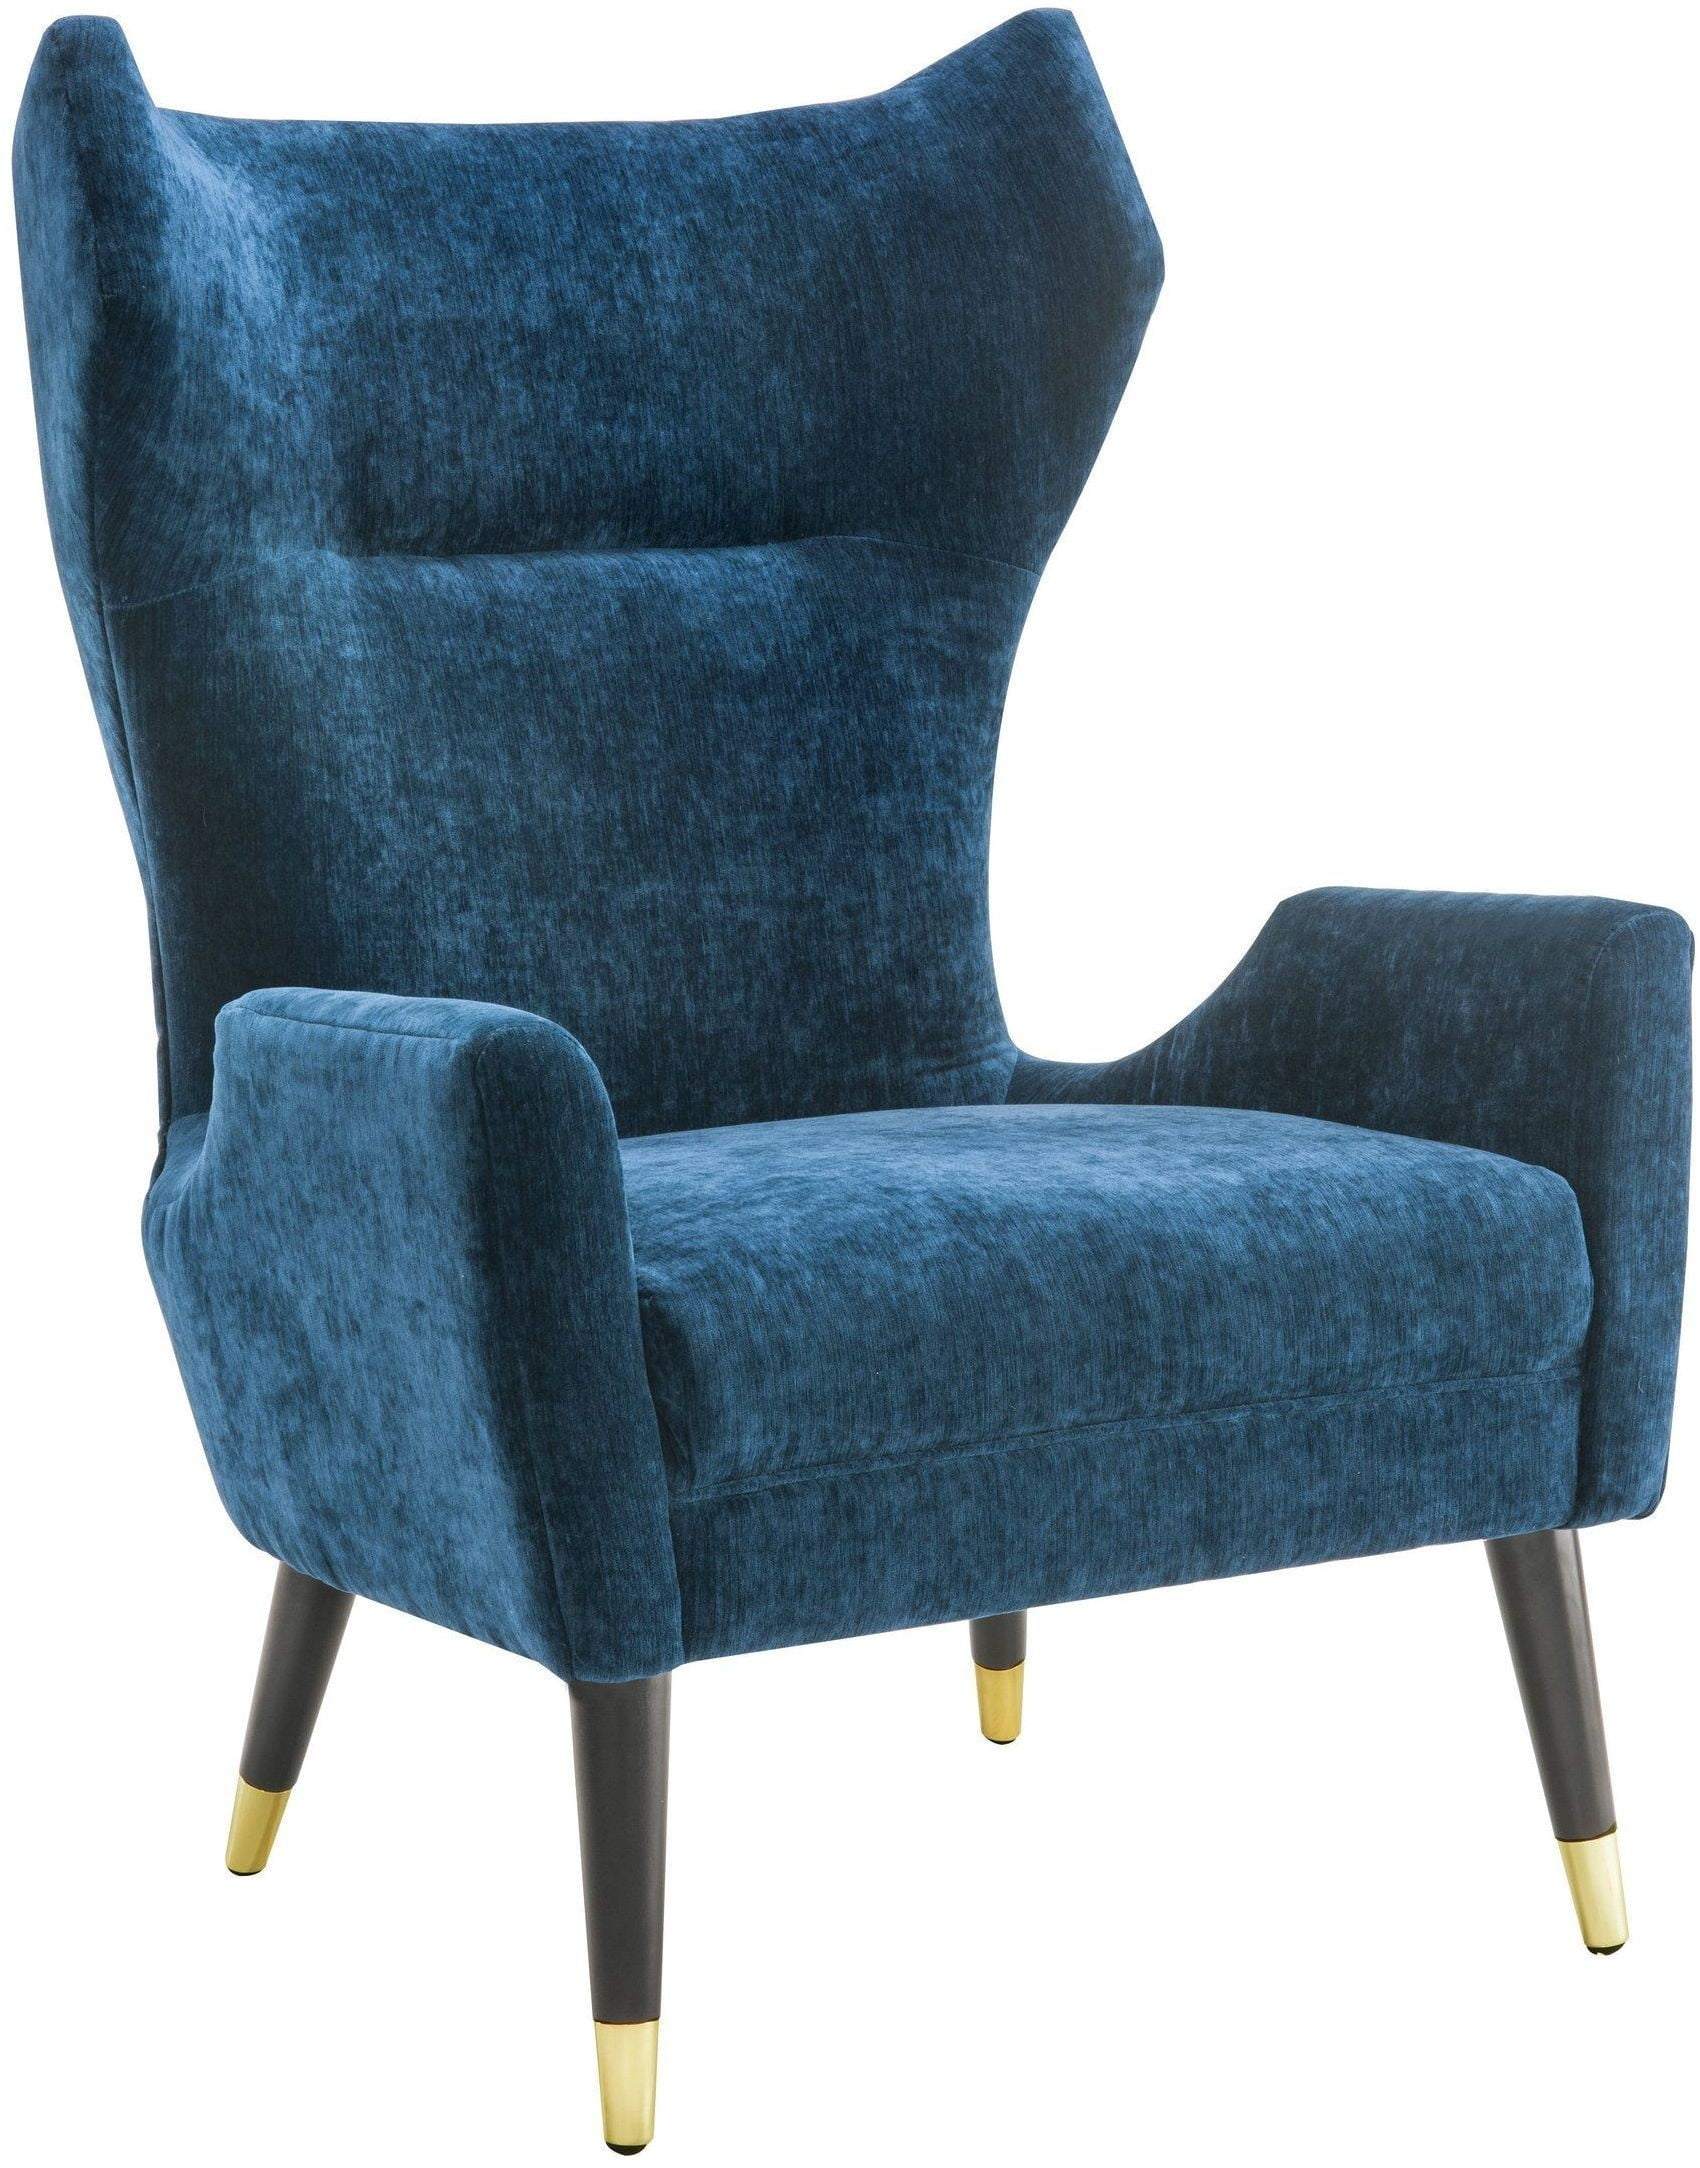 Logan Navy Velvet Chair from TOV